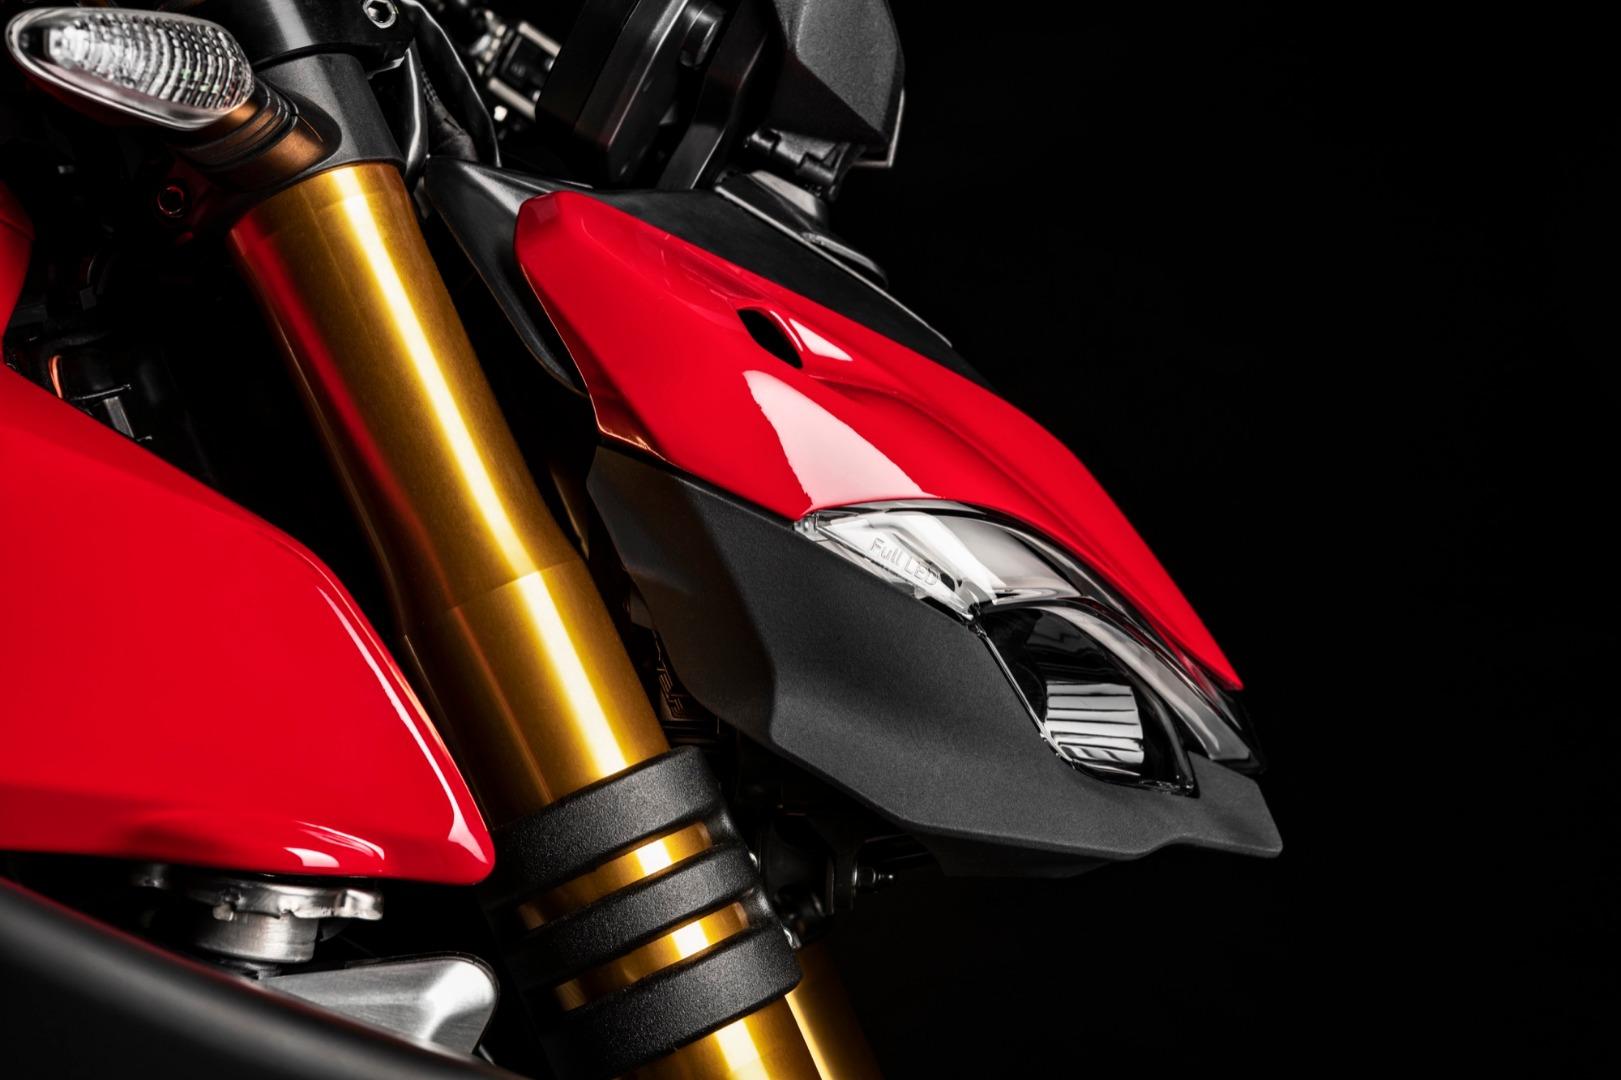 Ducati Streetfighter V4 2020, fotos de la nueva súper naked italiana